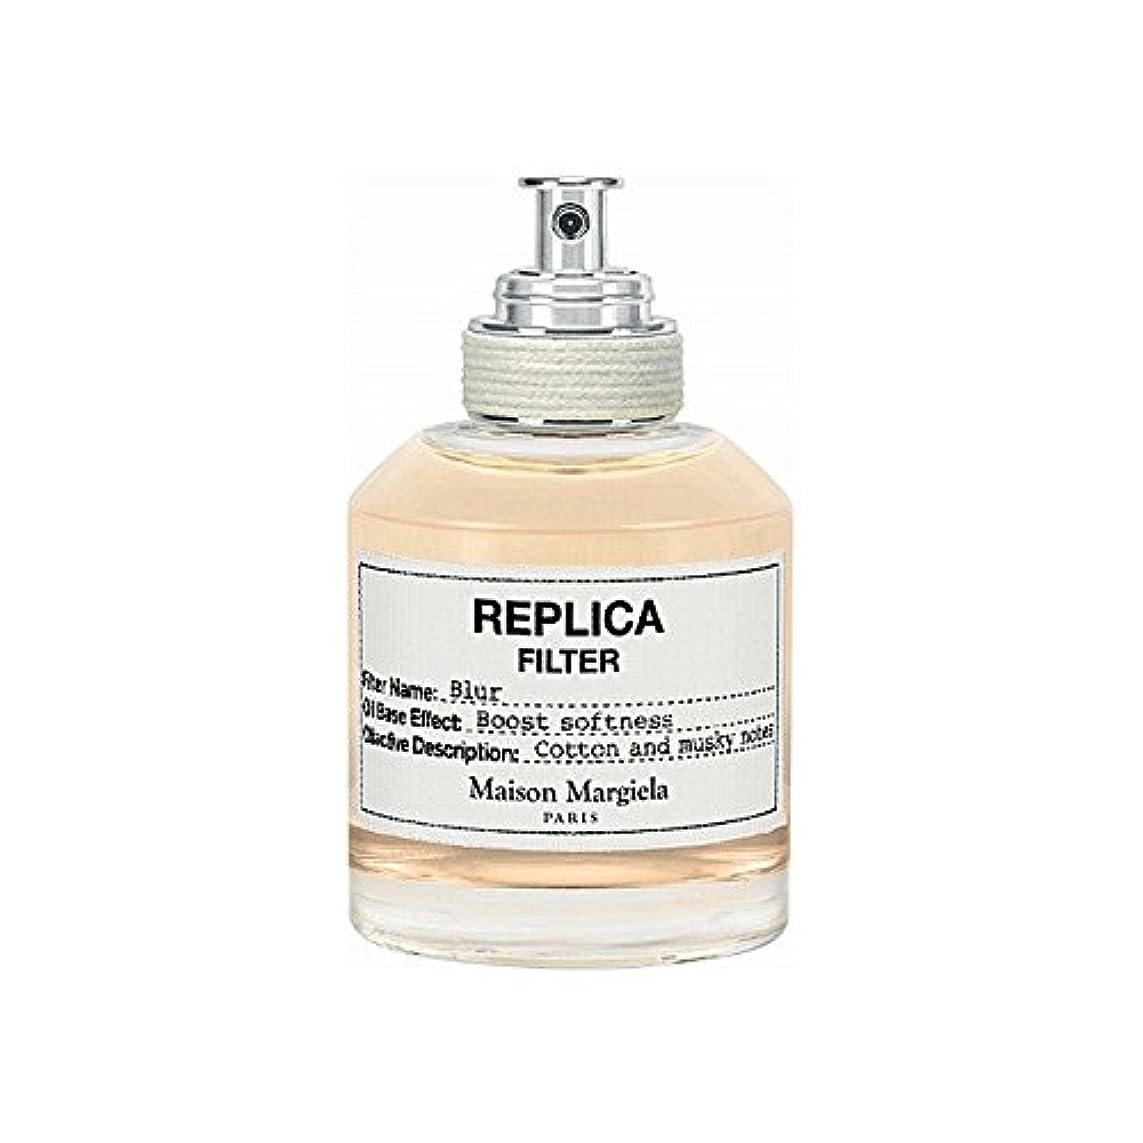 影響を受けやすいです温帯悪用Maison Margiela Blur Replica Filter 50ml - メゾンマルジェラのぼかしレプリカフィルタ50ミリリットル [並行輸入品]